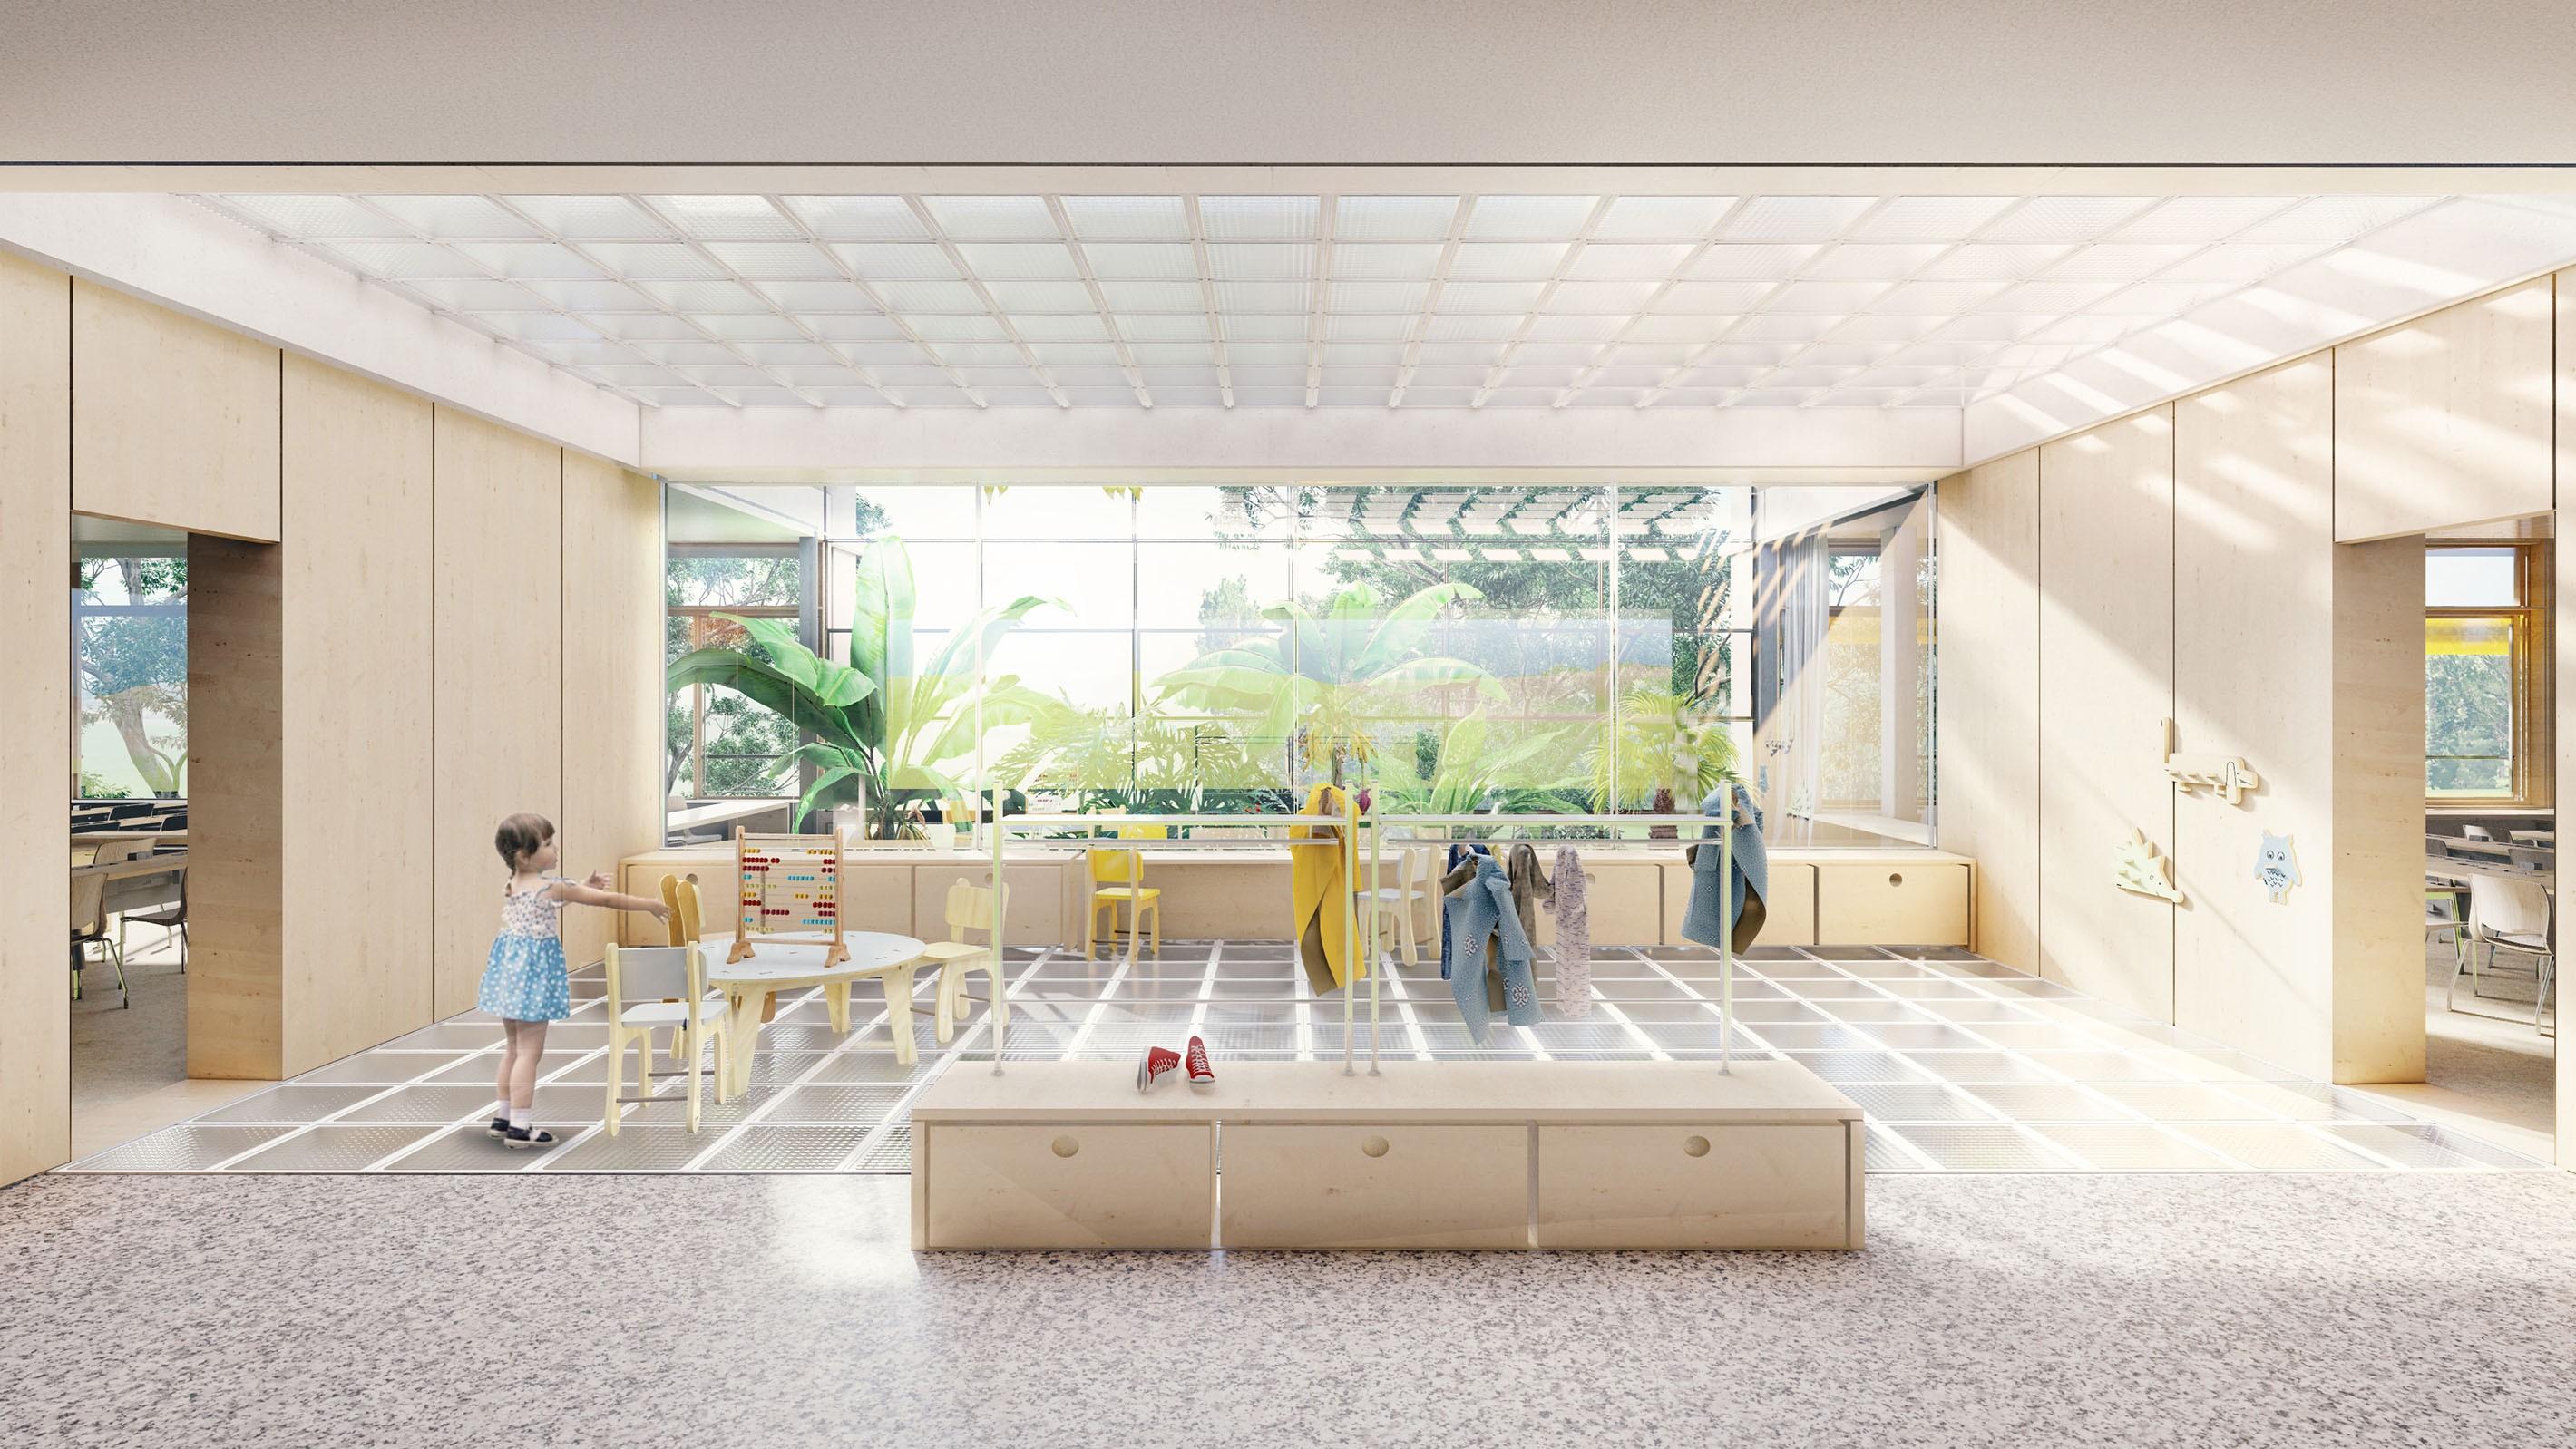 02_école Liotard_CréditWilliam Cyr-Lamy pour Christian Dupraz Architecture Office.